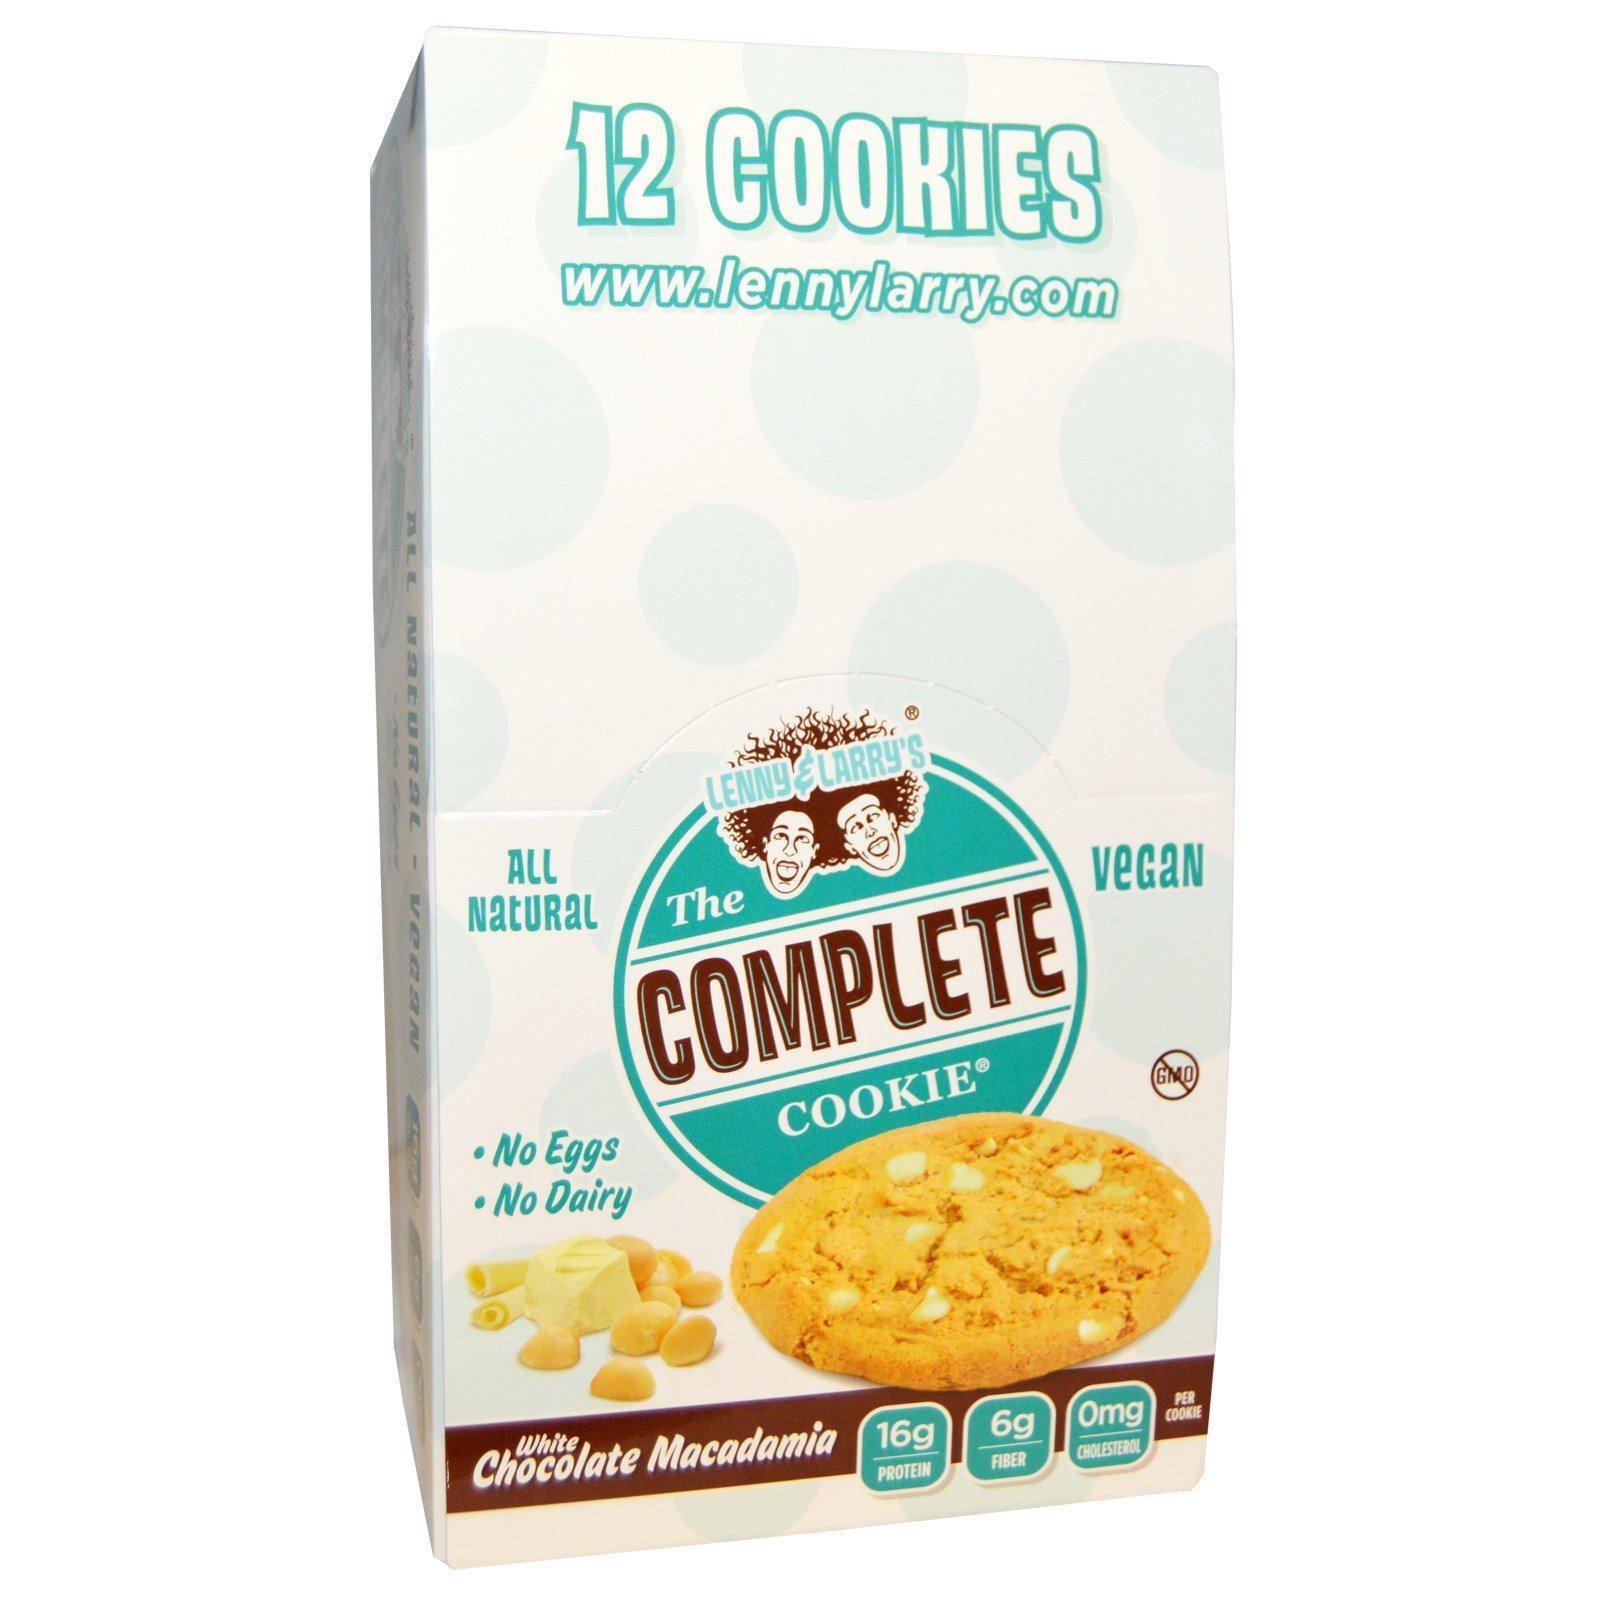 Lenny & Larry's, The Complete Cookie, белый шоколад и акадамия, 12 печений, 113 г (4 унции) каждое